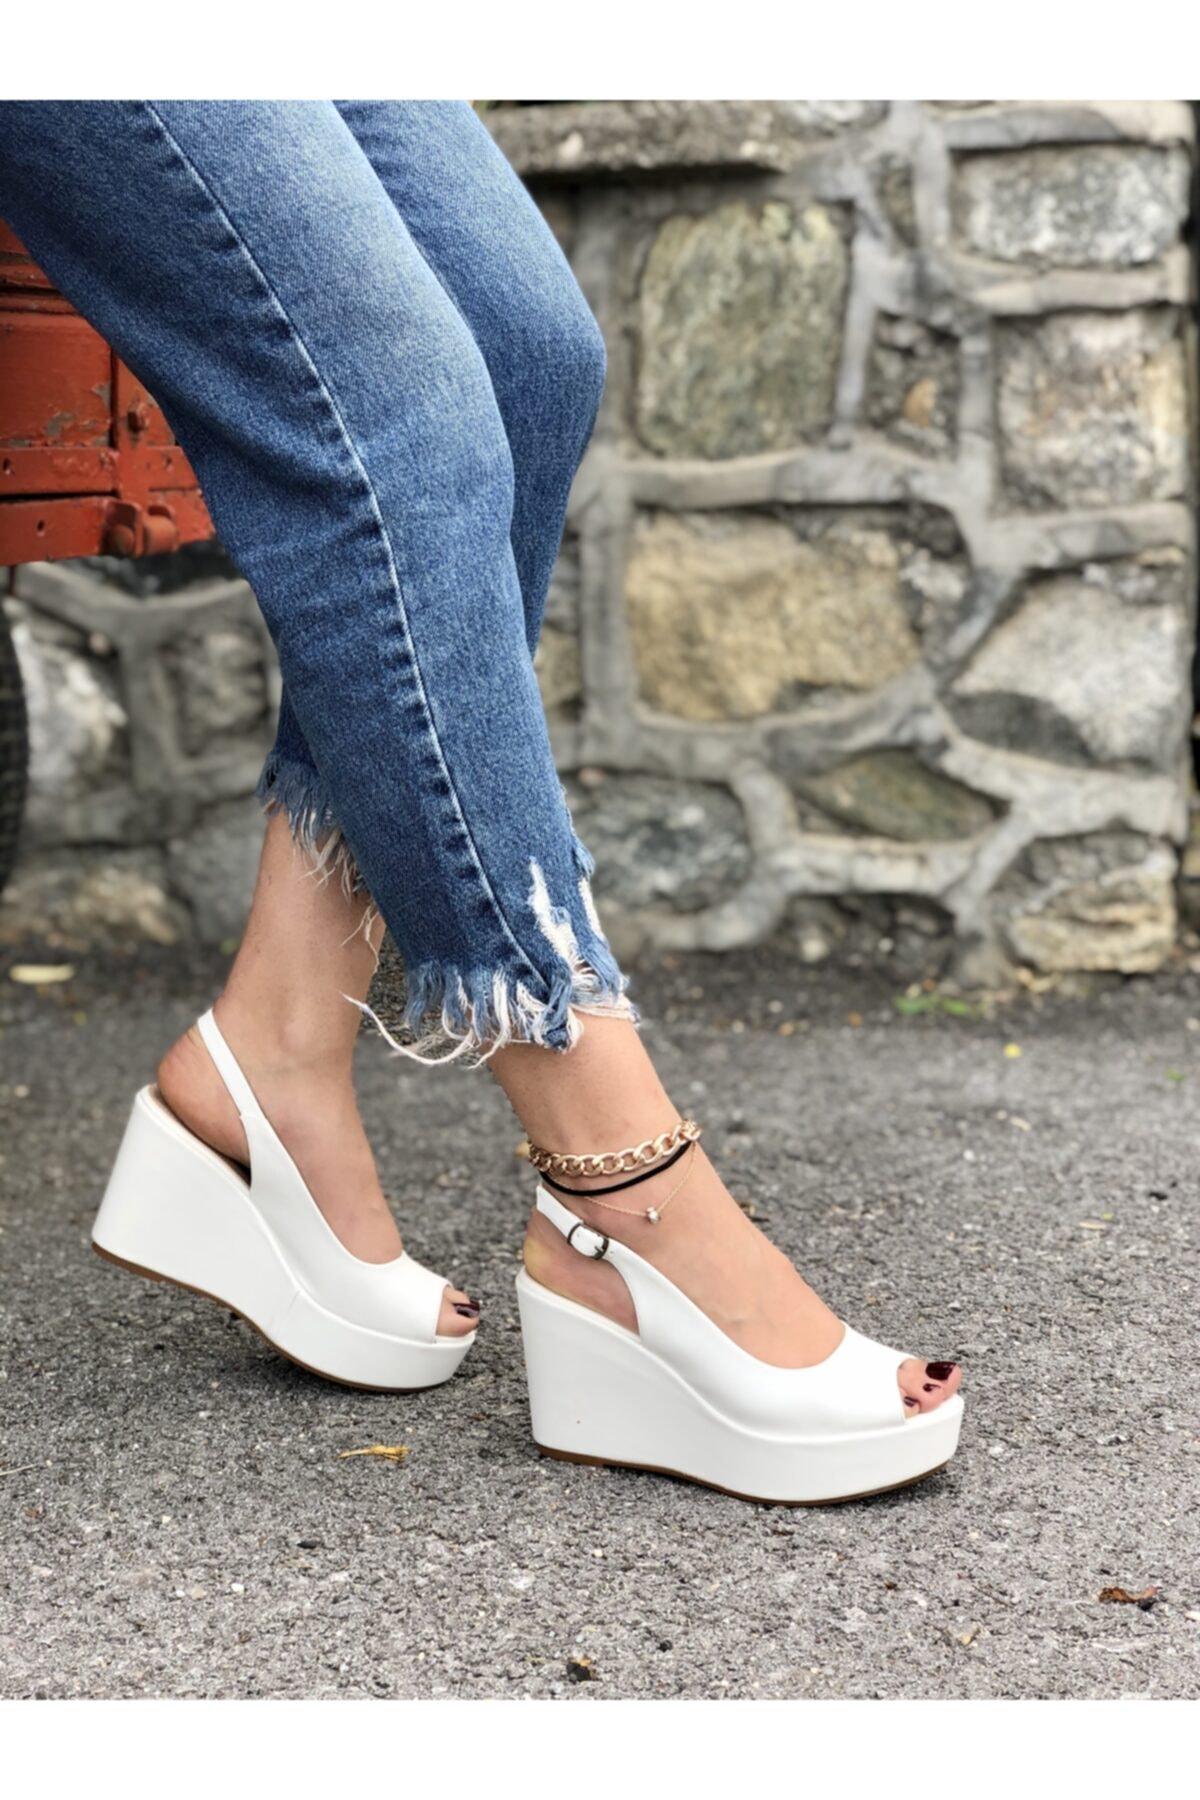 Beyaz Kadın Dolgu Topuklu Ayakkabı Relleno